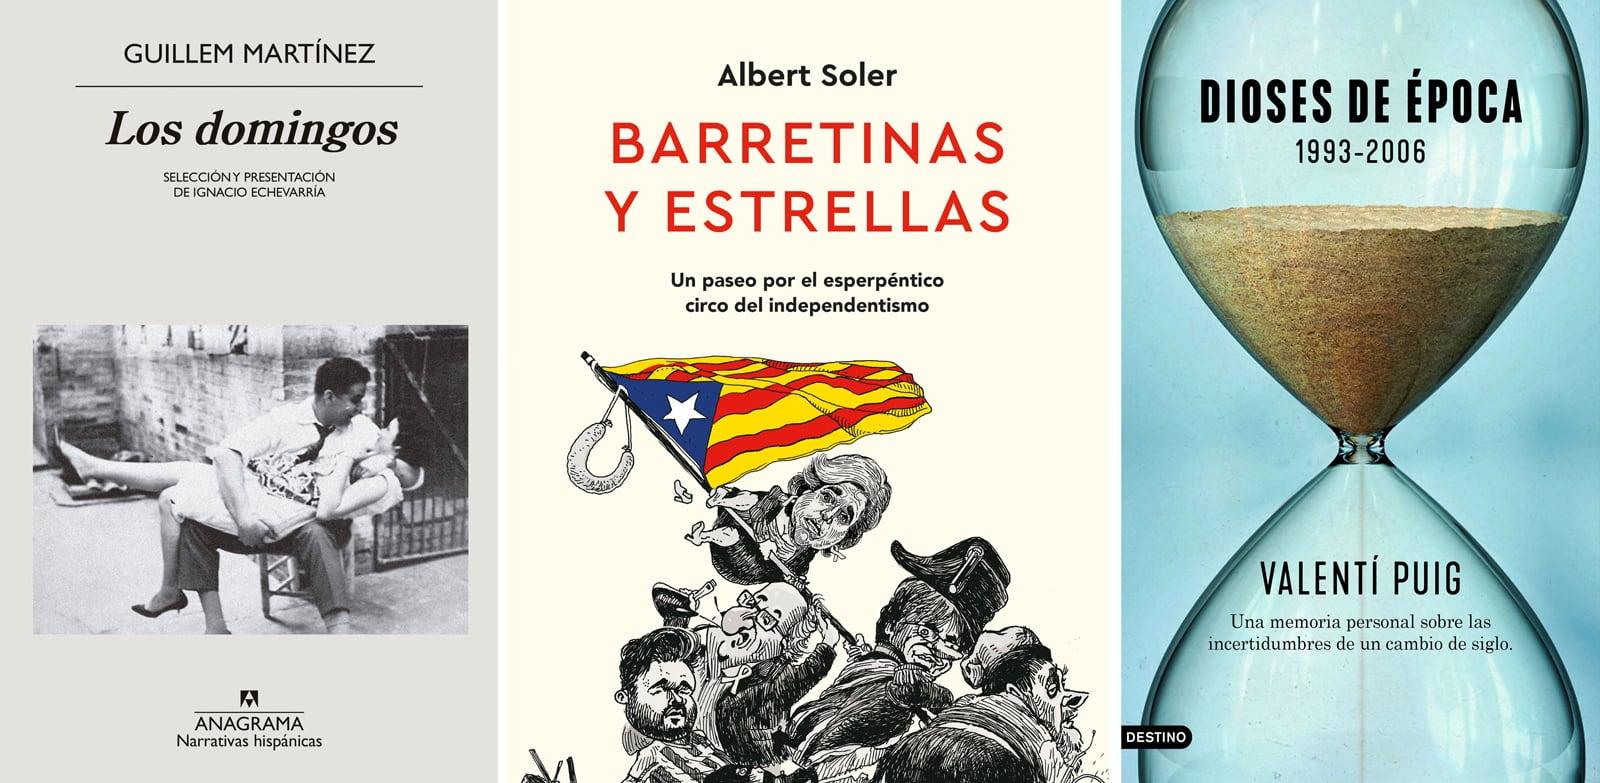 Guillem Martínez Los domingos Valentí Puig Dioses de época (1993-2006) Albert Soler Barretinas y estrellas